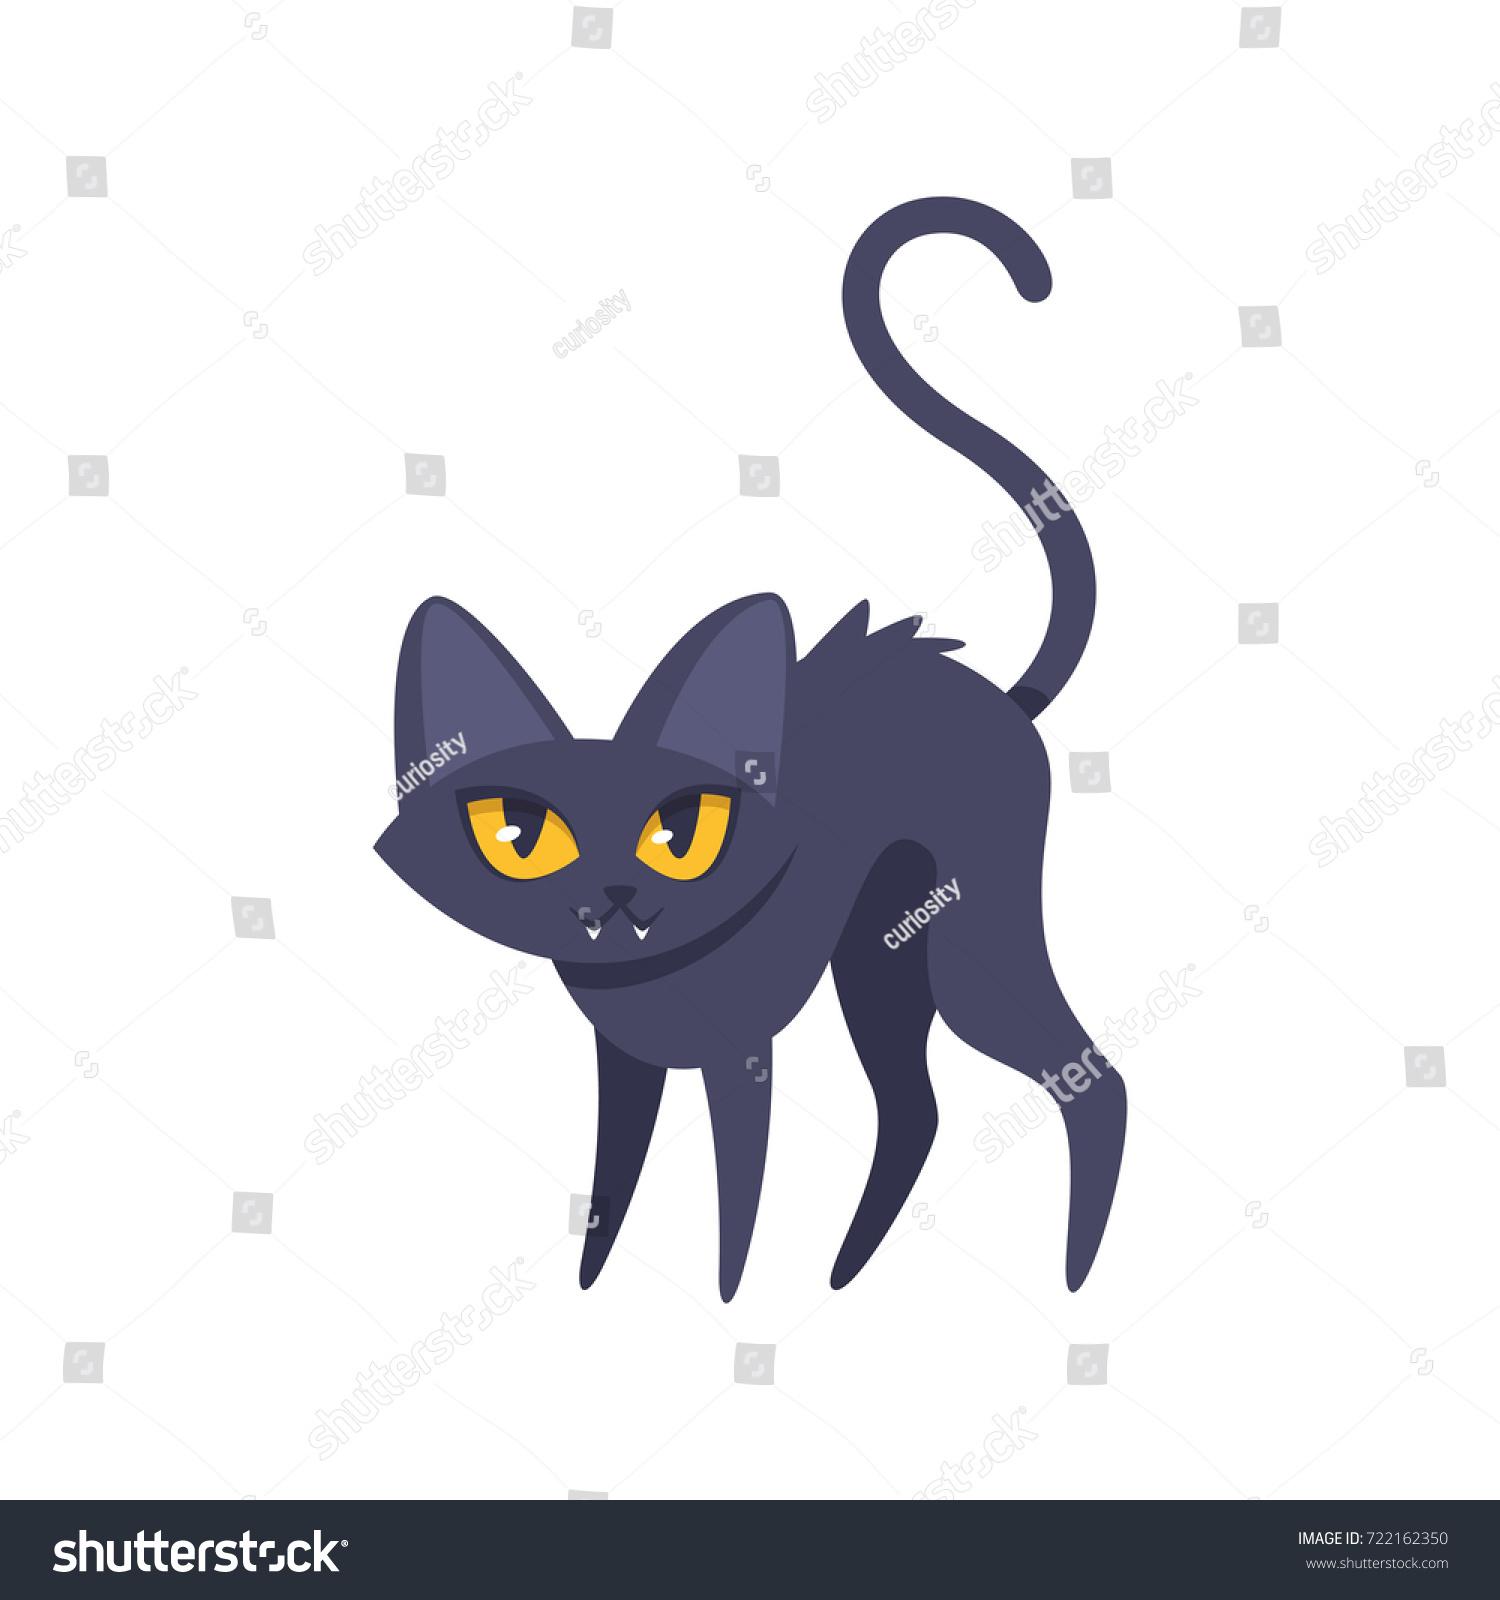 vector cartoon illustration of halloween cat isolated on white